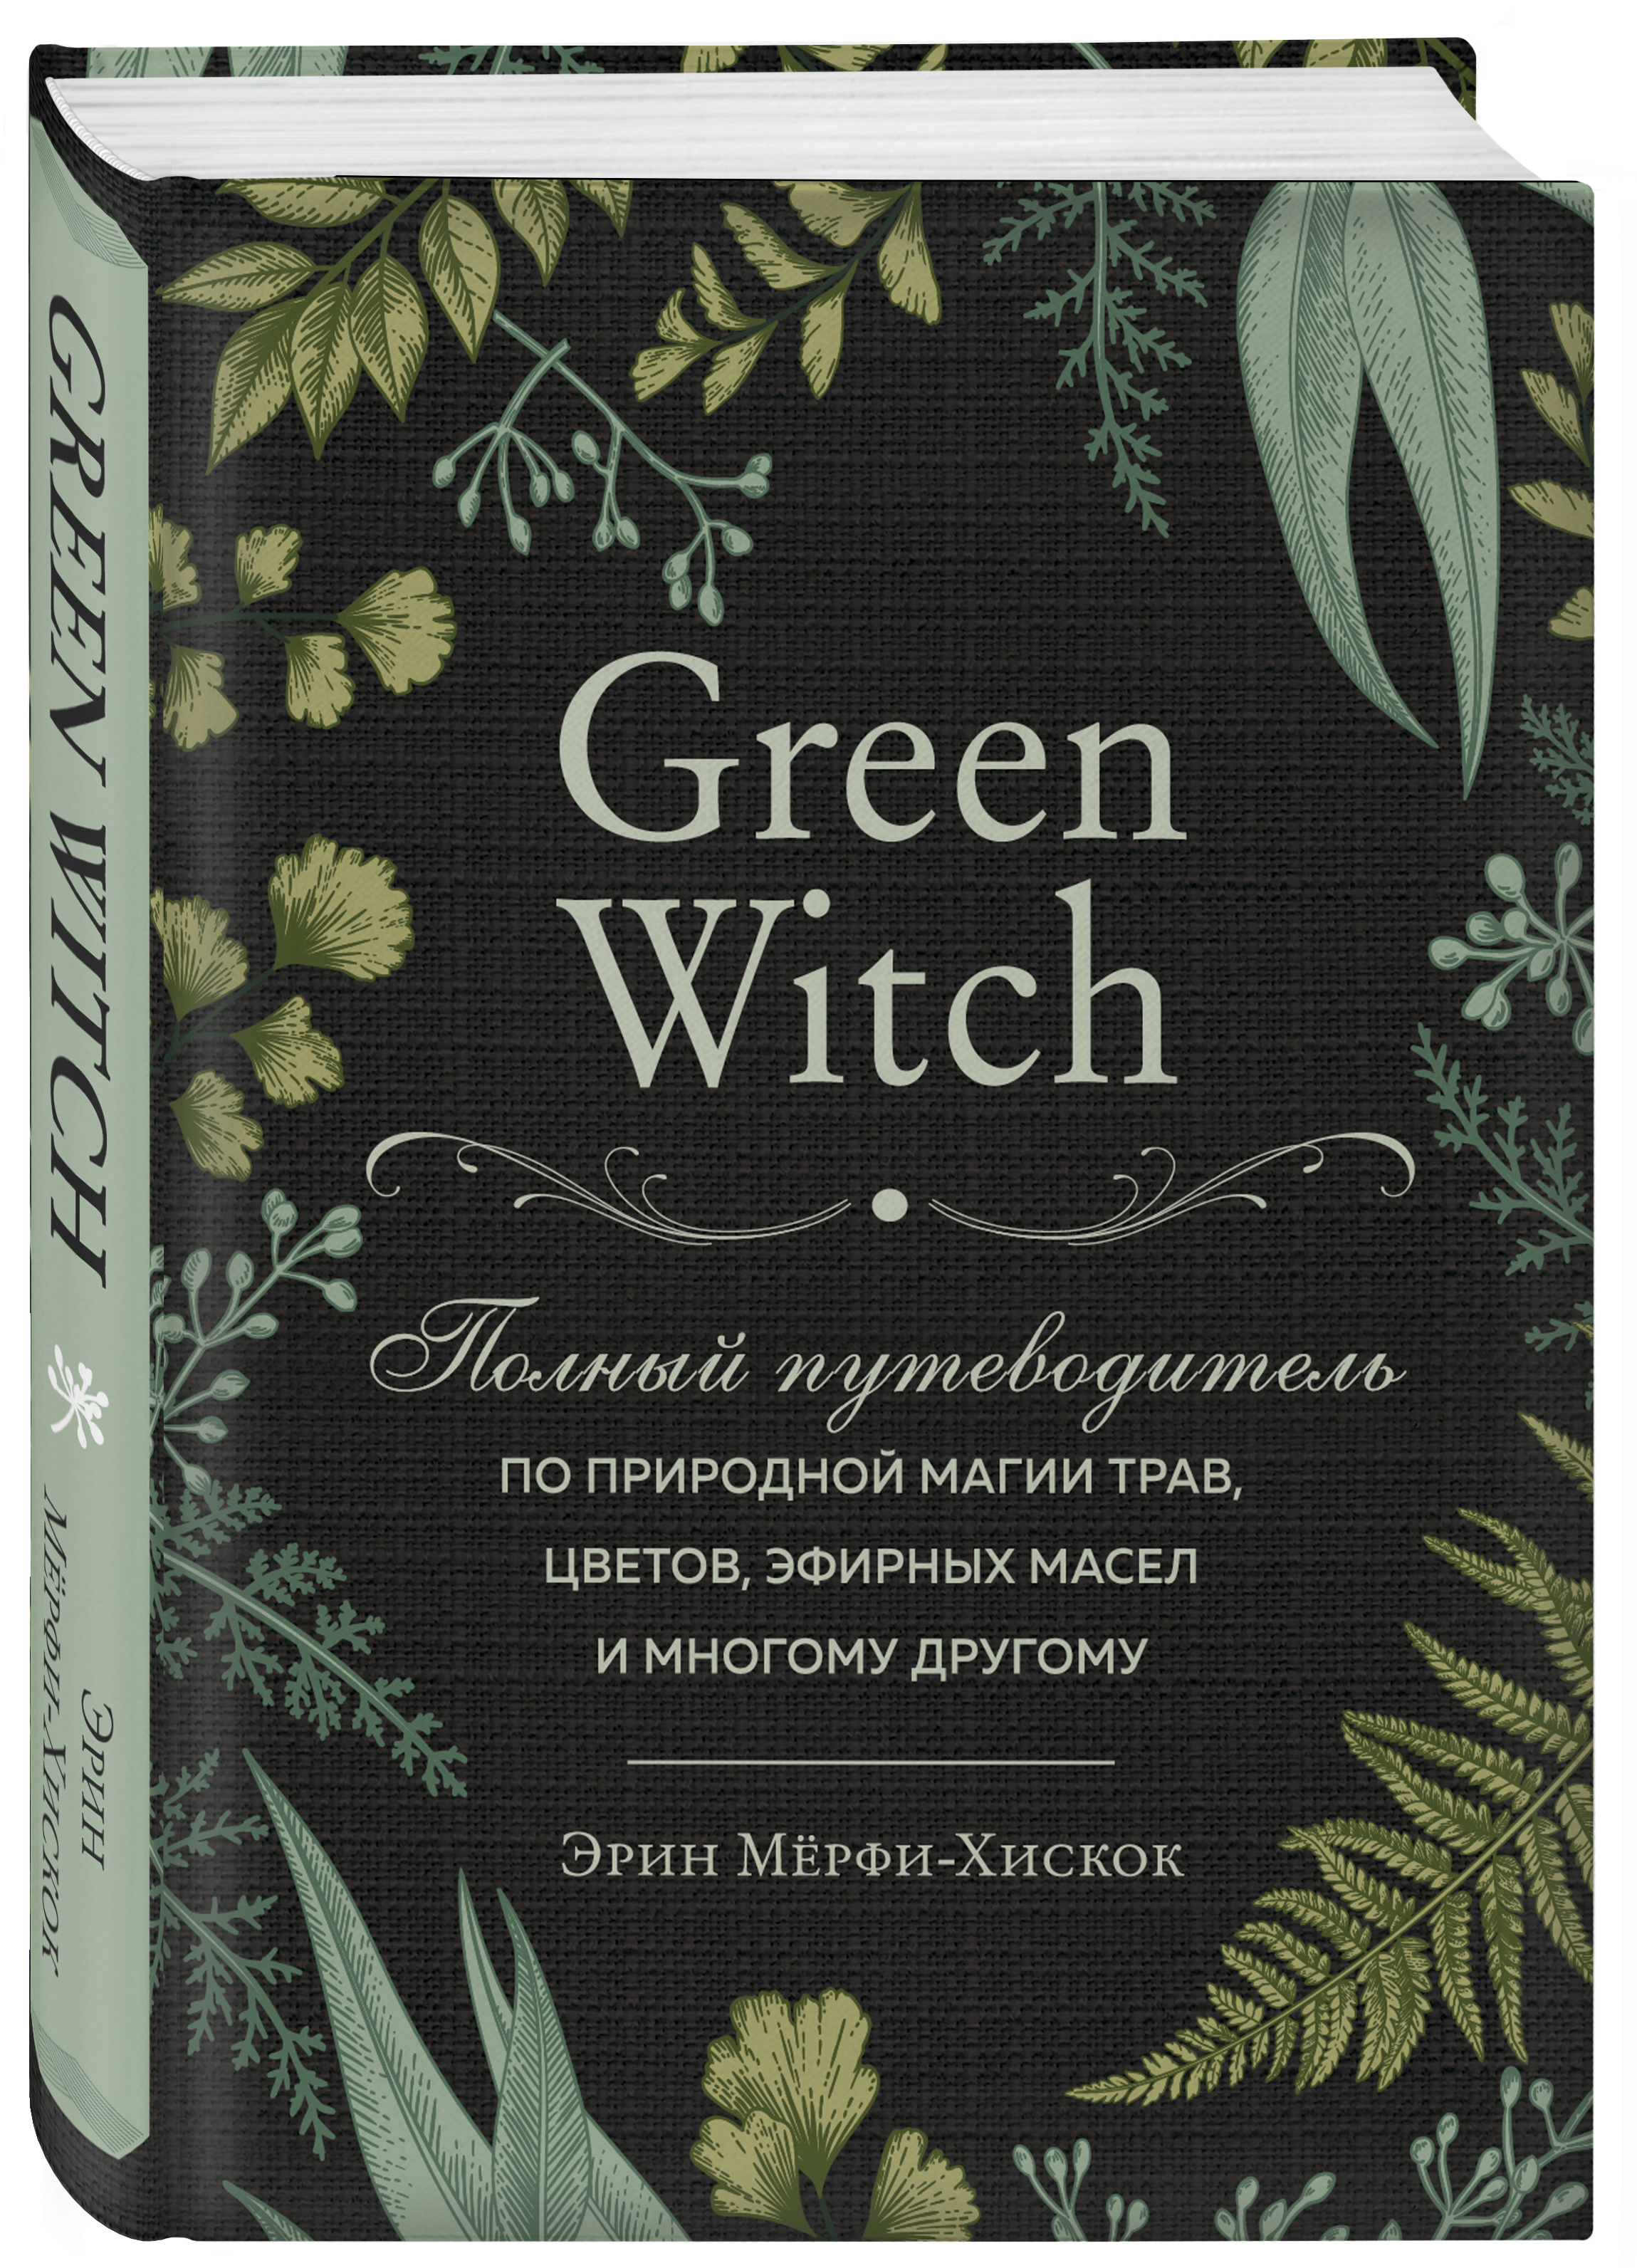 Green Witch. Полный путеводитель по природной магии трав, цветов, эфирных масел и многому другому ( Мёрфи-Хискок Эрин  )